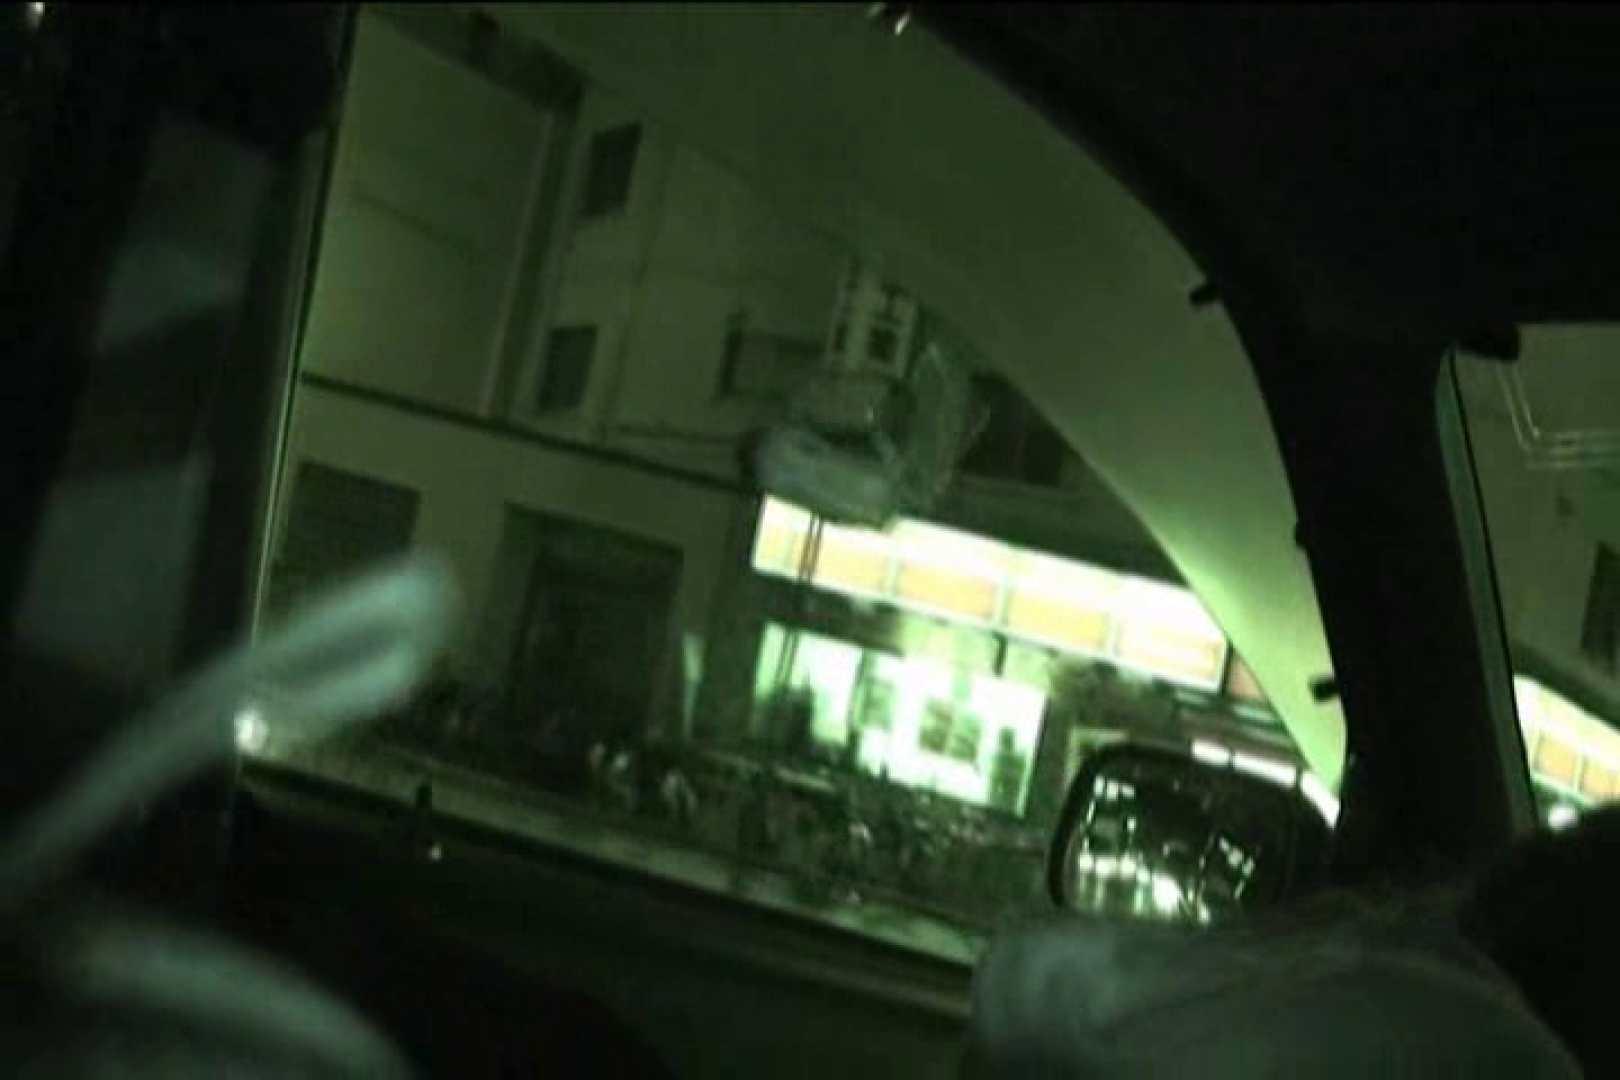 車内で初めまして! vol03 フェラ   裸体  63連発 25